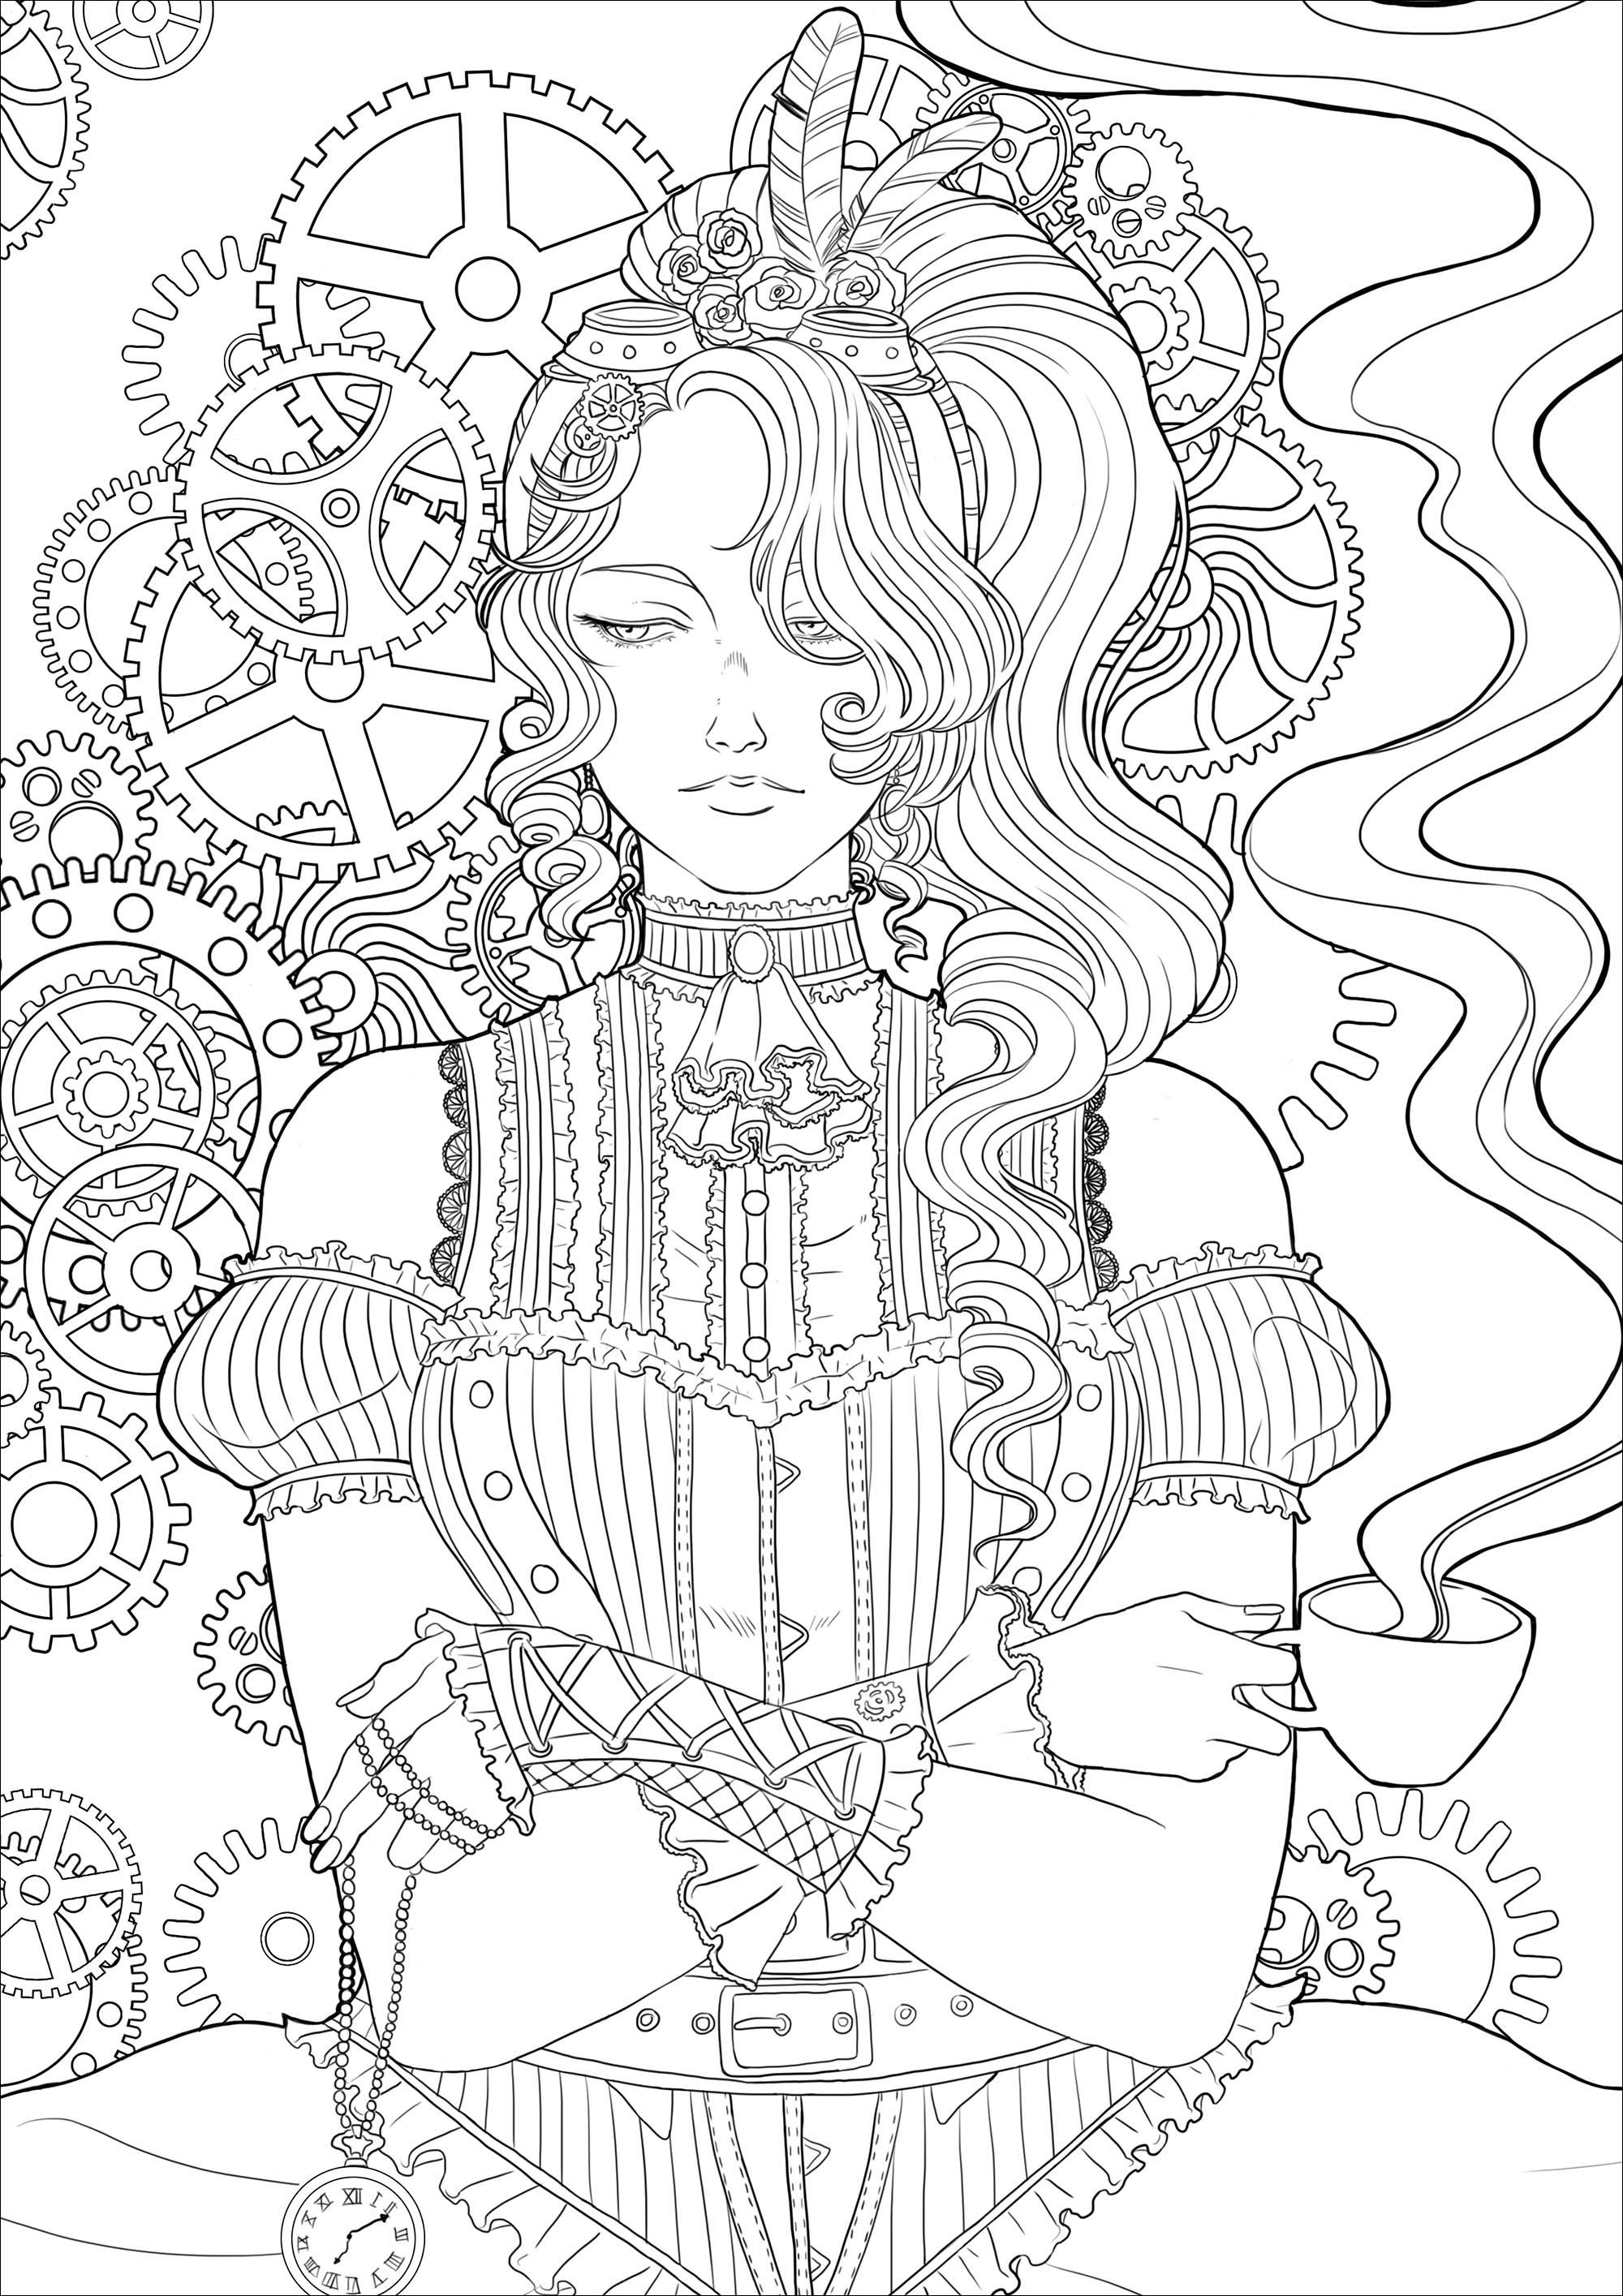 Coloriage d'une jeune femme mélancolique avec une tasse de thé, le tout dans un environnement victorien et des mécanismes. Version 2